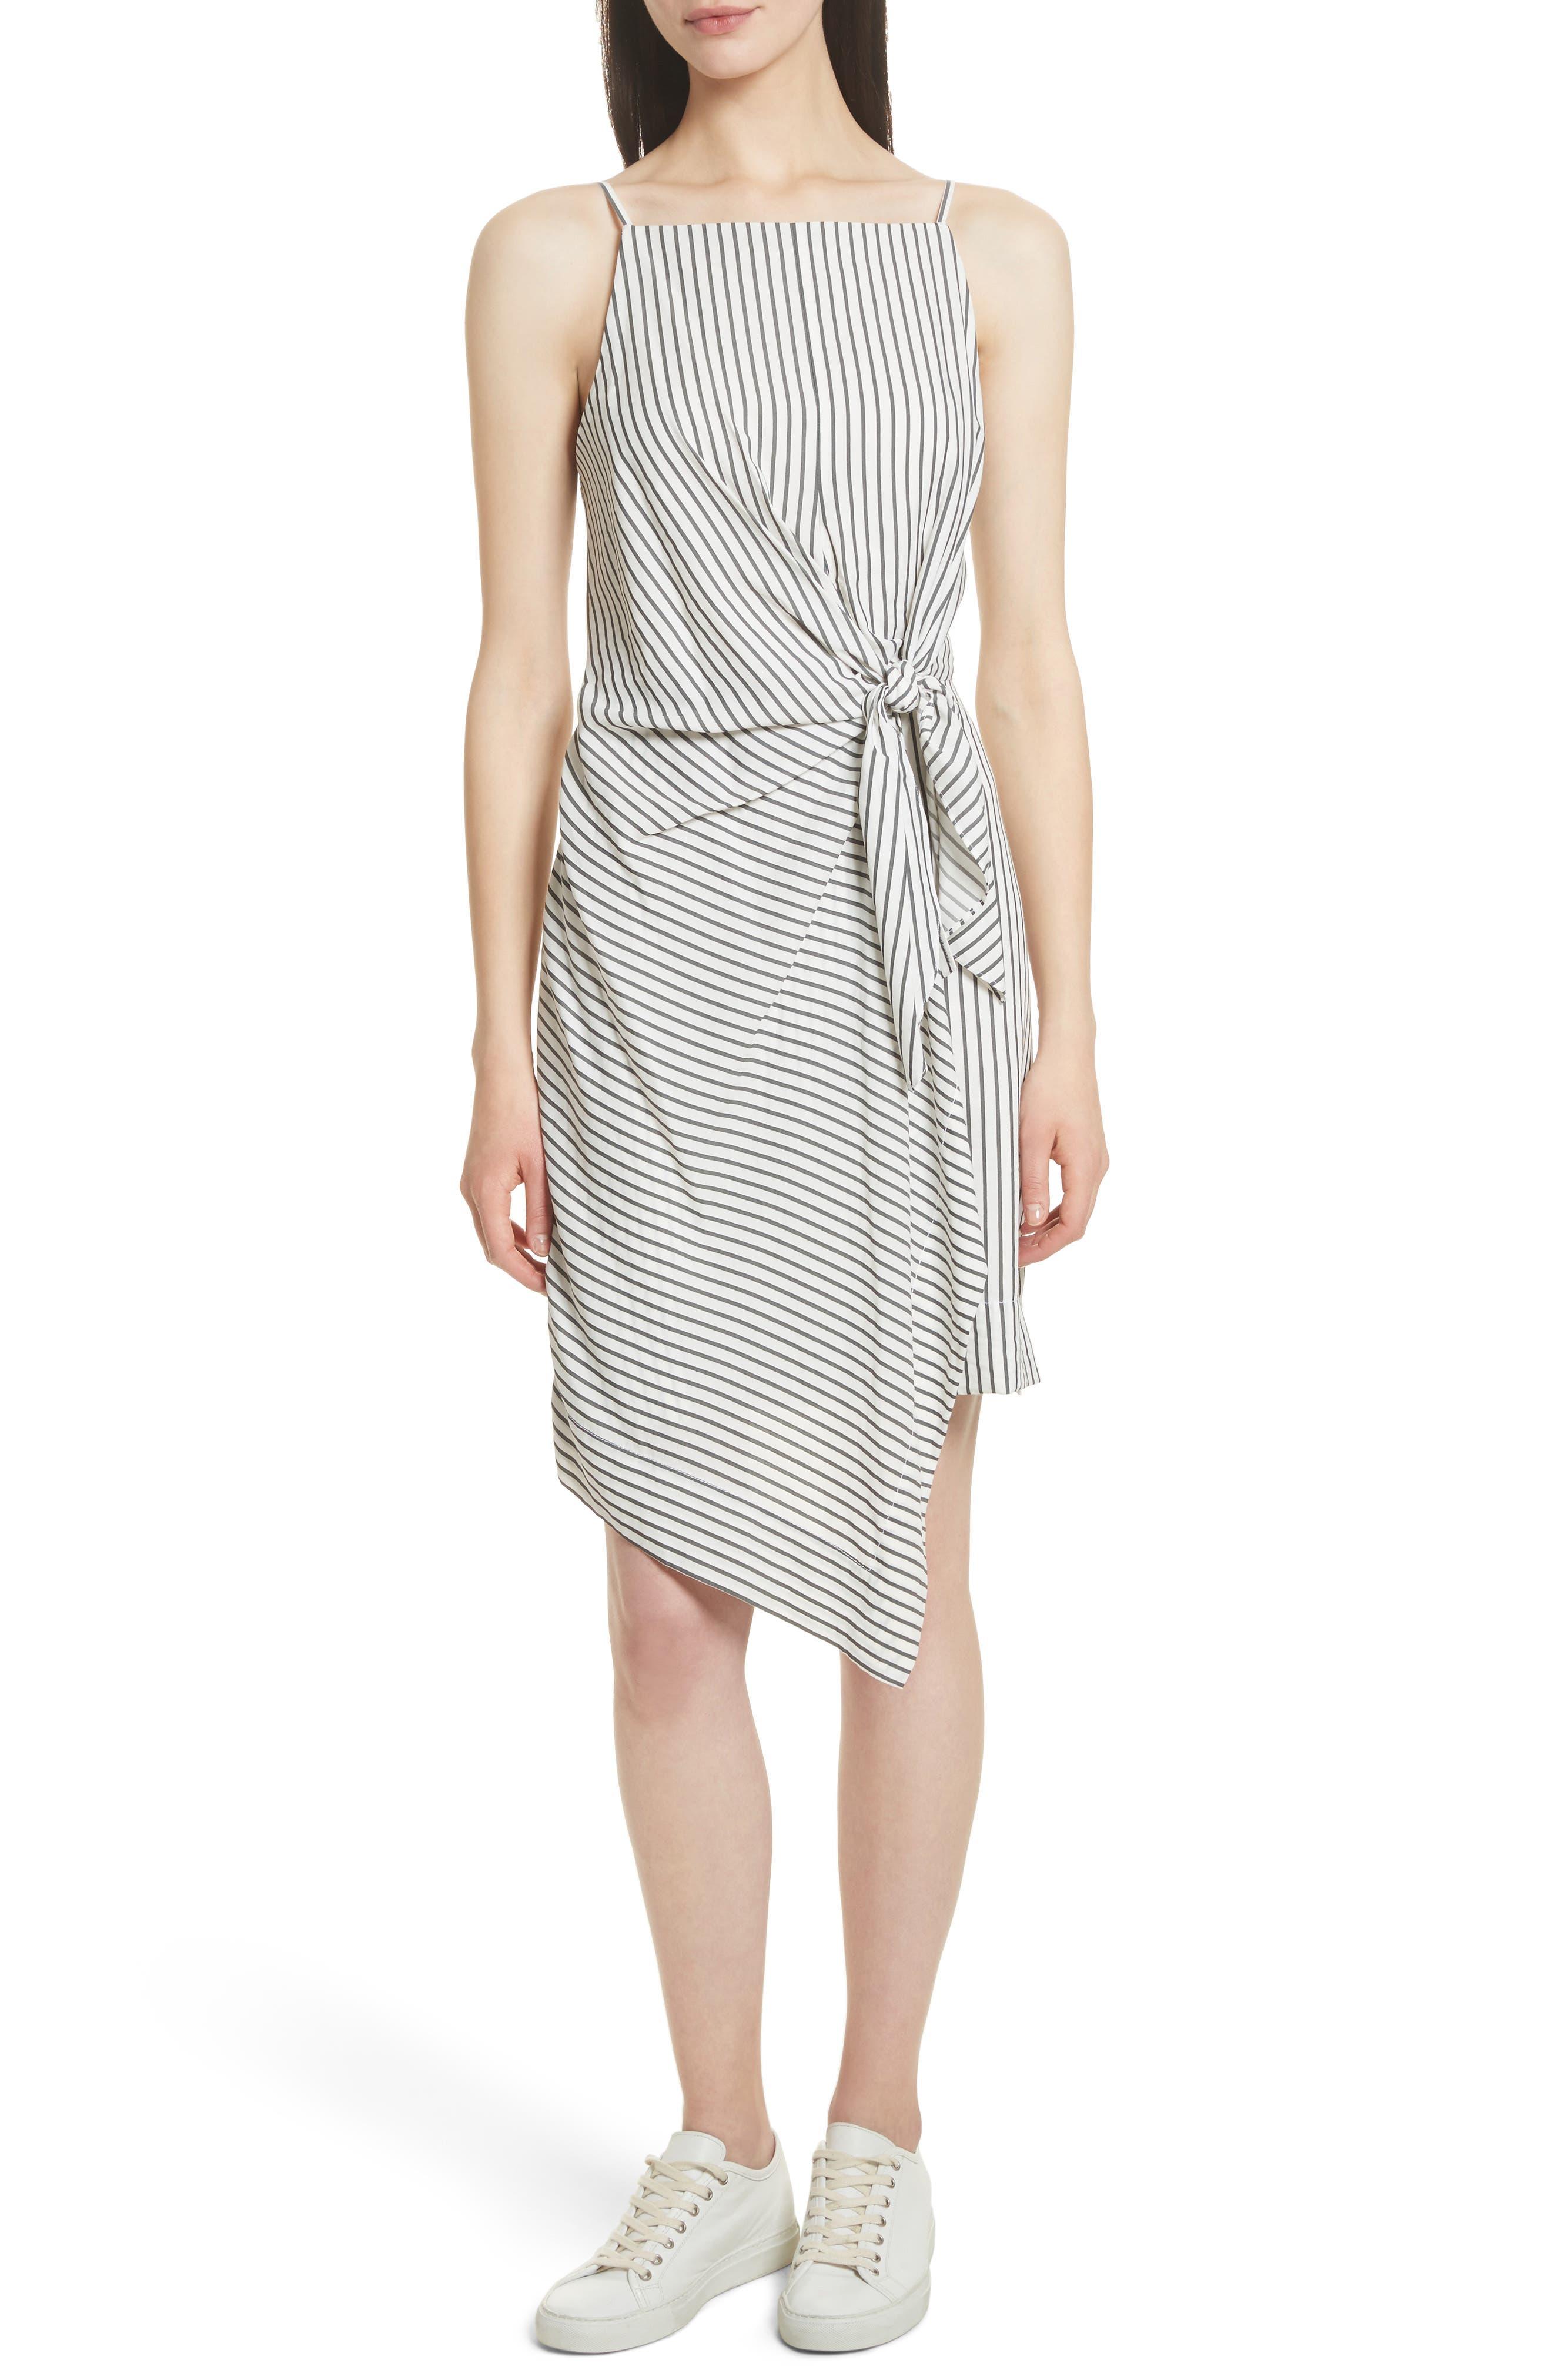 GREY Jason Wu Stripe Tie Front Dress